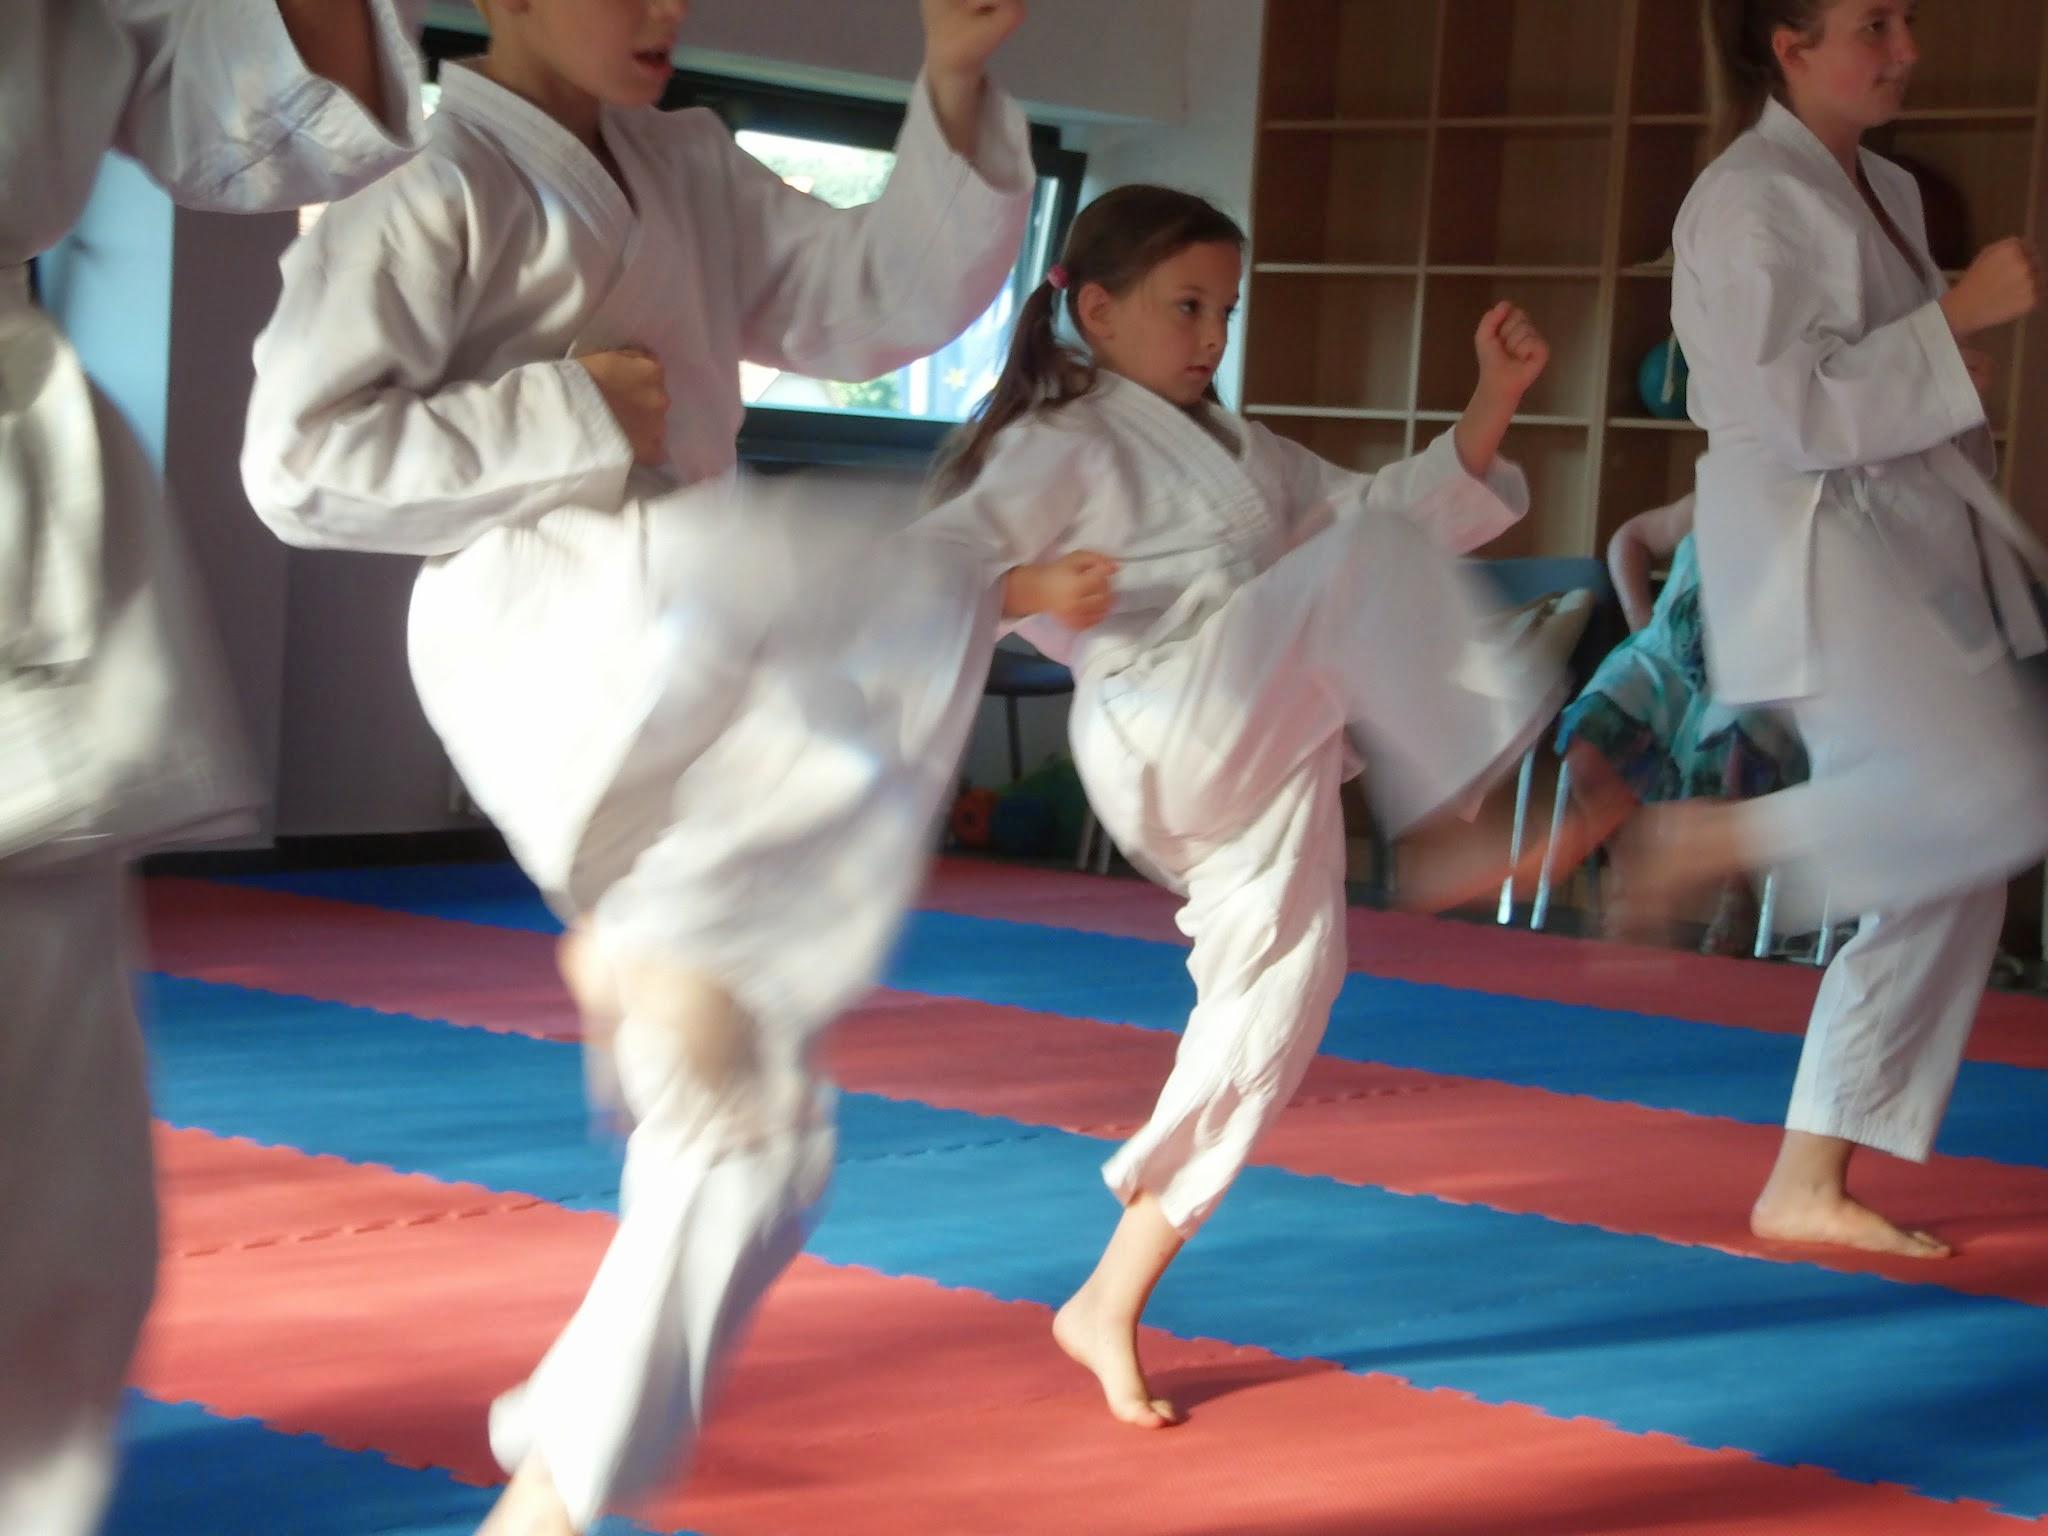 A kismarosi karatecsoport övvizsgája 2014. június 13-án a sárga öv megszerzéséért. - Fotók: Lucza Gergely